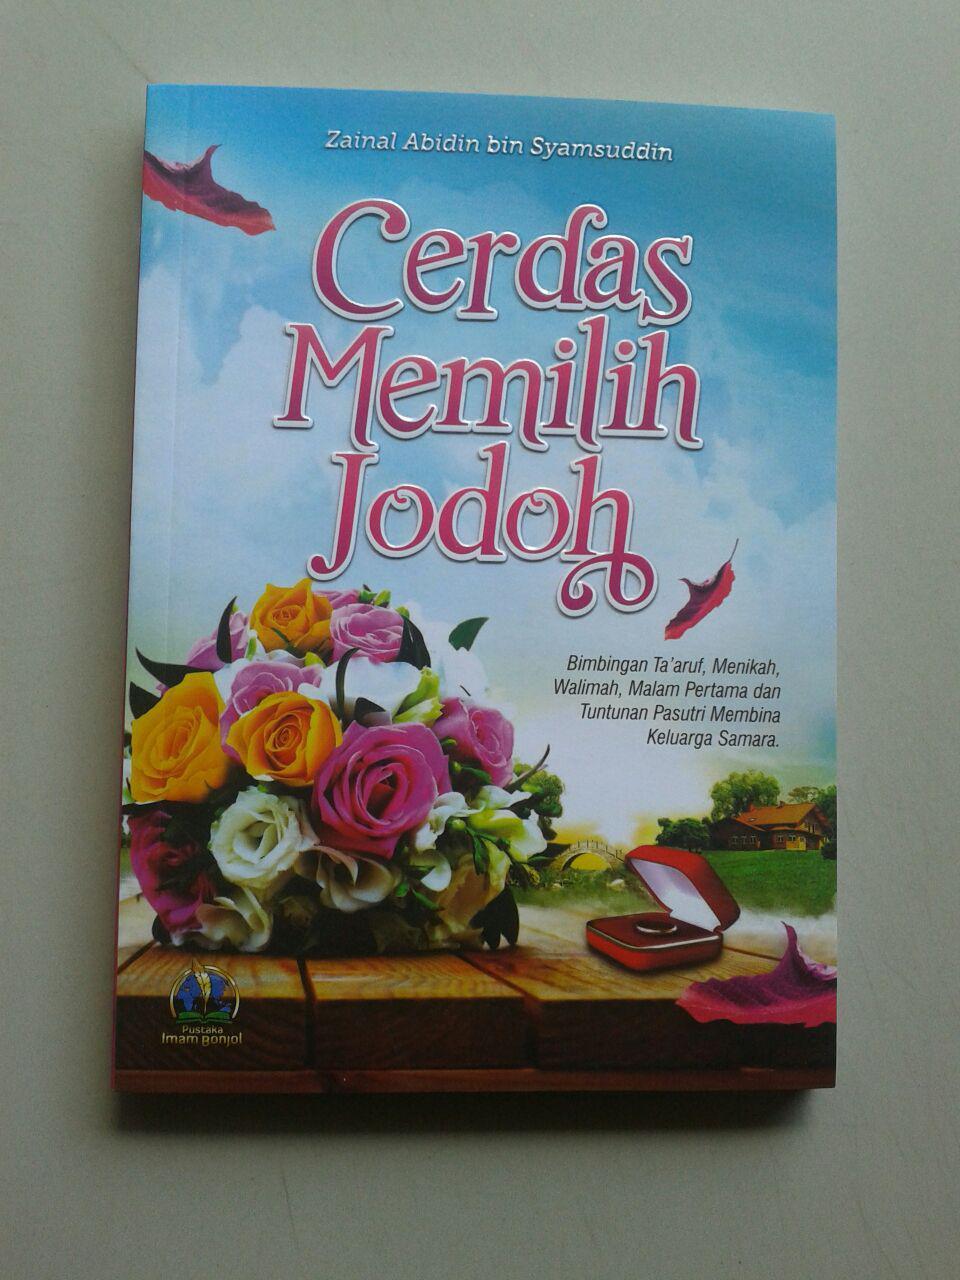 Buku Cerdas Memilih Jodoh cover 2